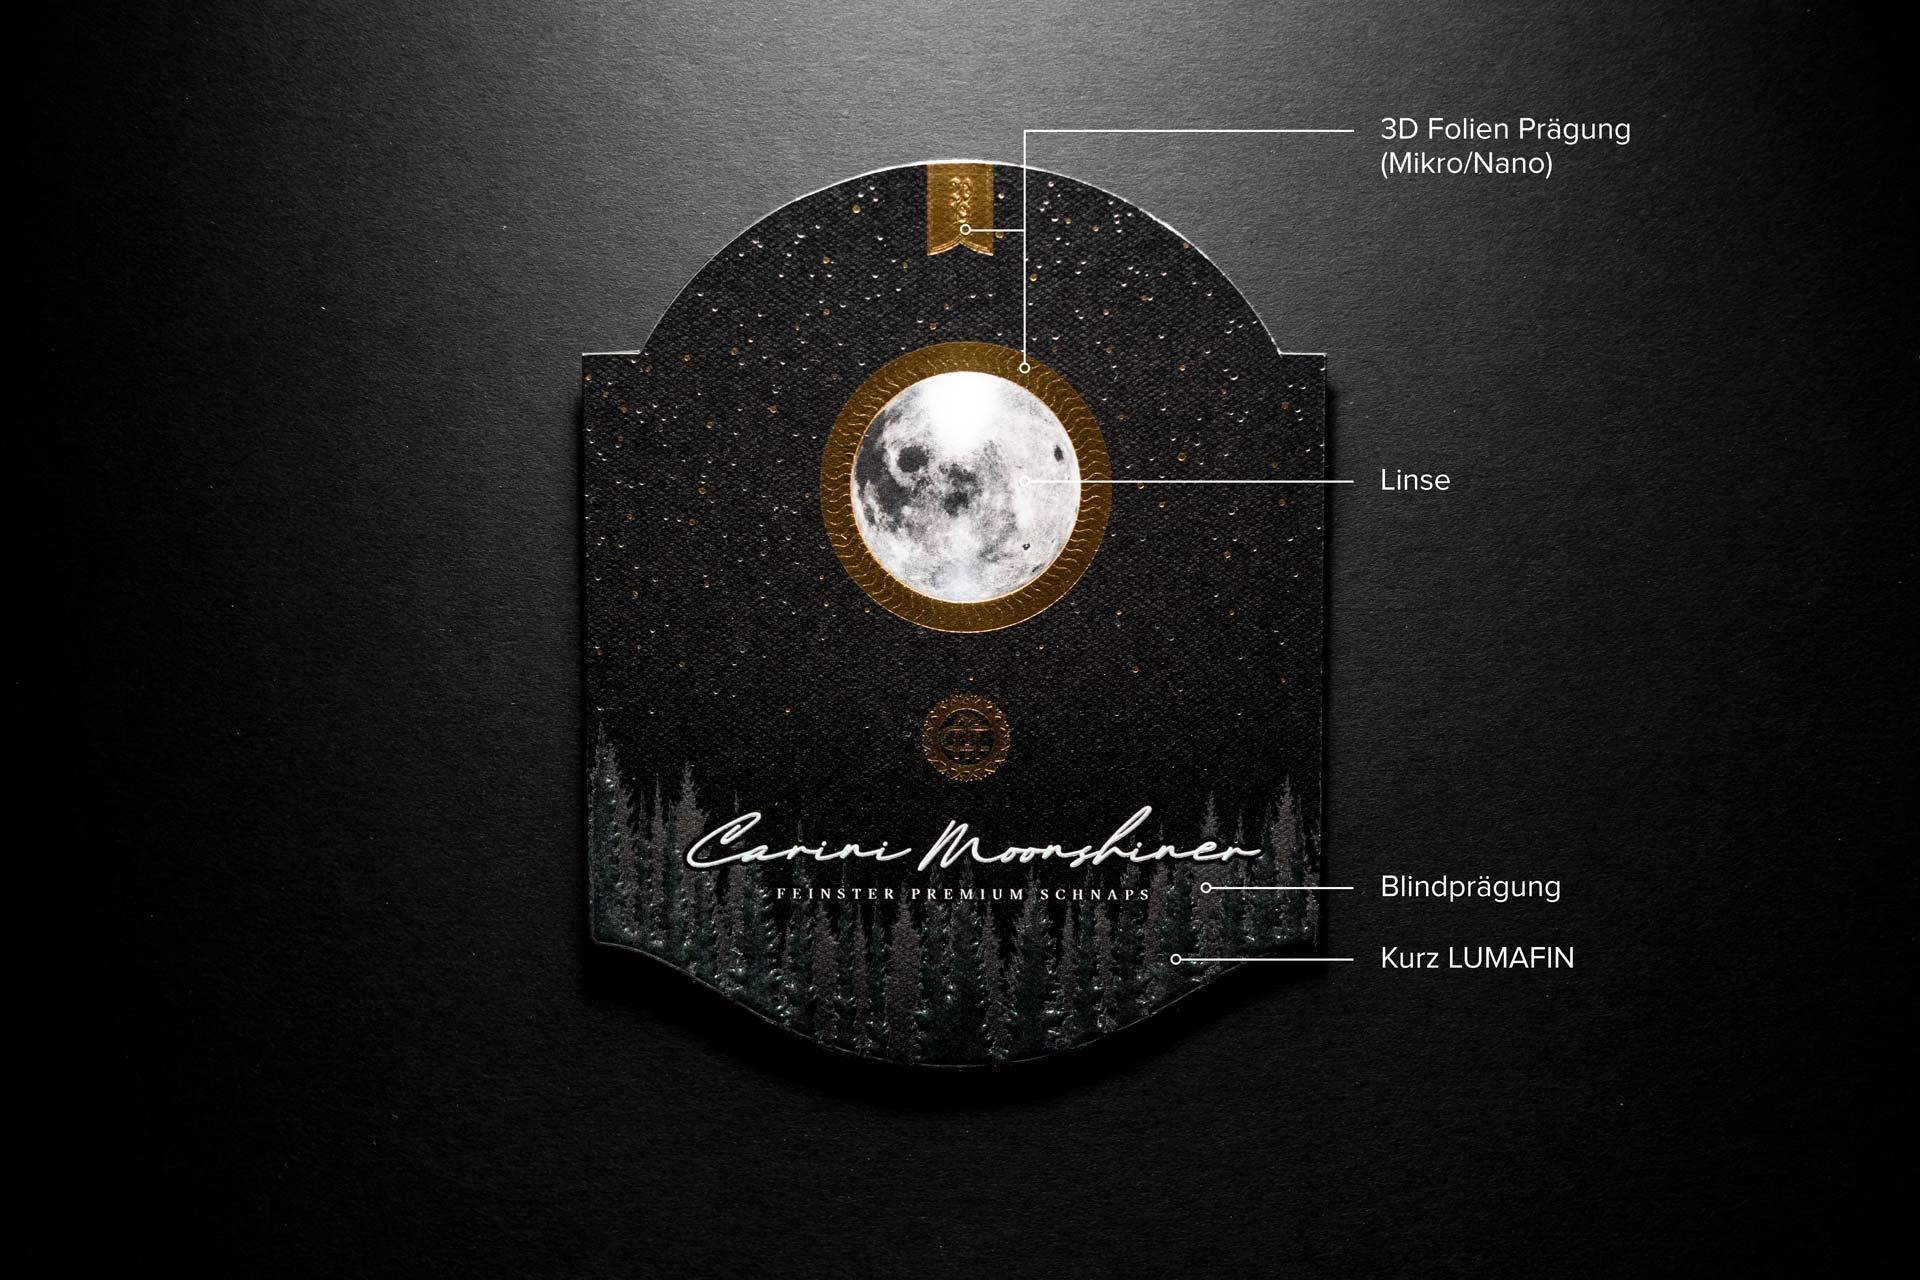 Carini Moonshiner, Etikett, Produktionsbeschreibung, Bernhard Hafele, Vincent Hehle, viergestalten